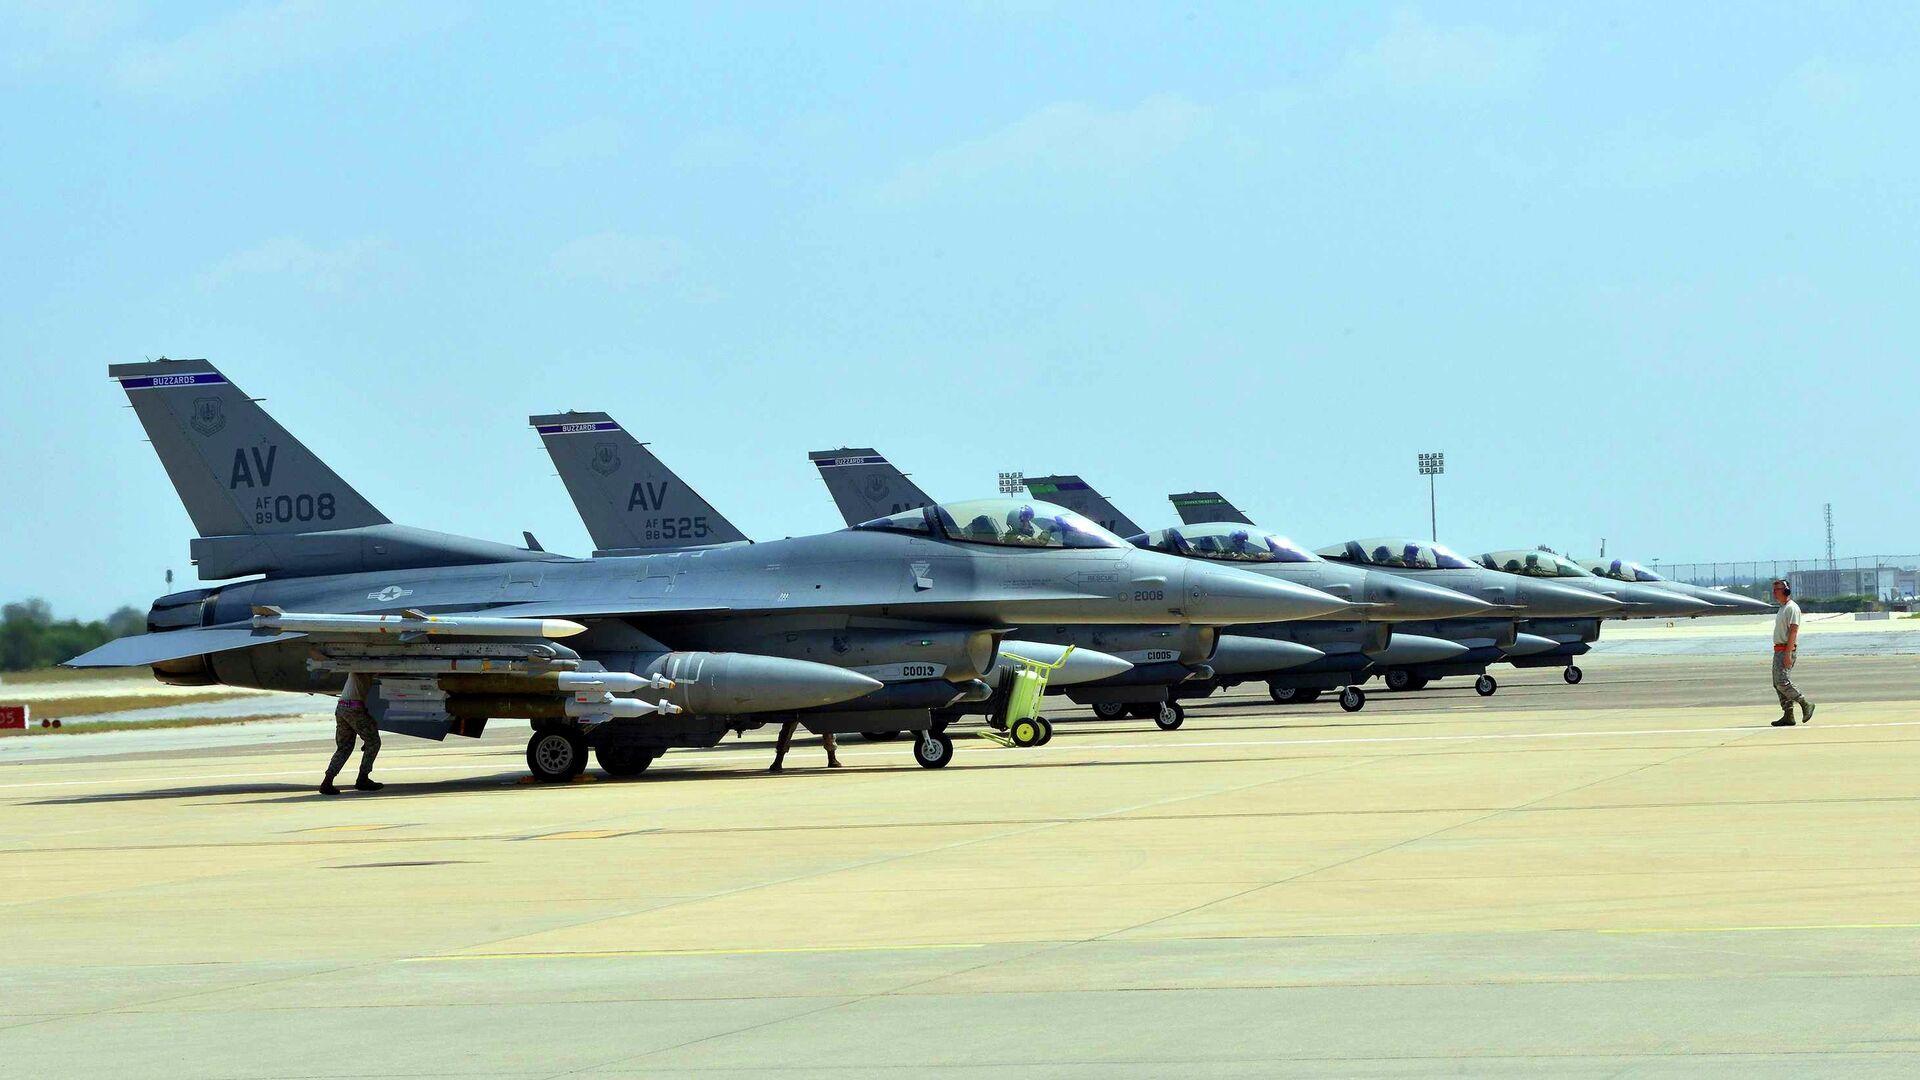 Gli aerei  US Air Force F-16 Fighting Falcons sono situati alla base miltare ad Aviano   - Sputnik Italia, 1920, 03.06.2021